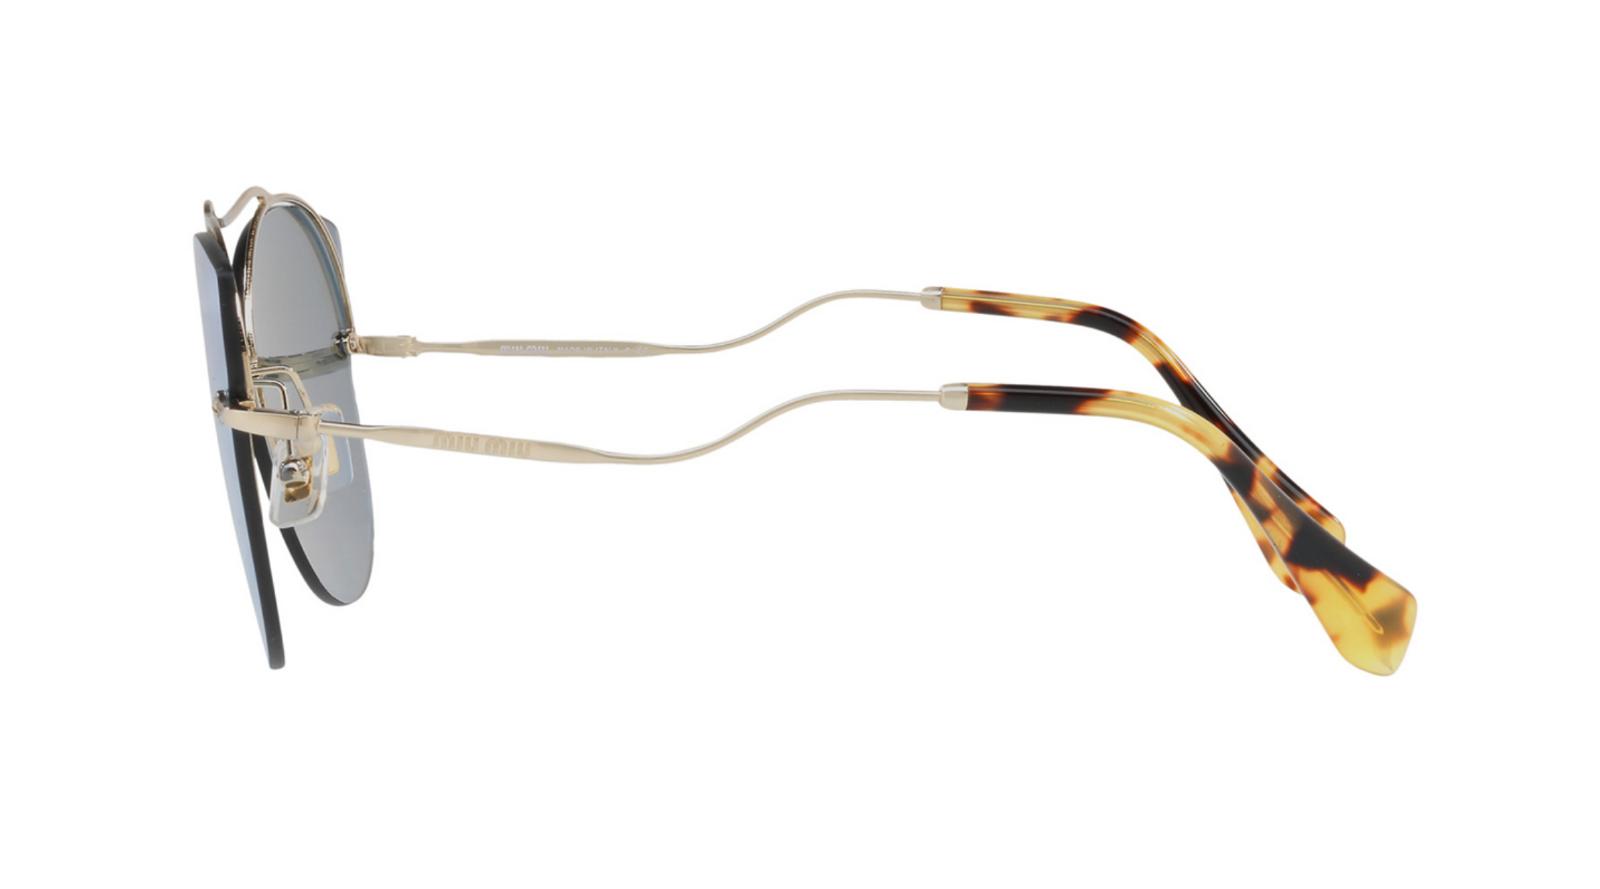 3d462deec3ca5 Miu Miu SMU 52S ZVN-5Q0 Sunglasses Pale Gold Frame Blue Mirror White Lenses  62mm